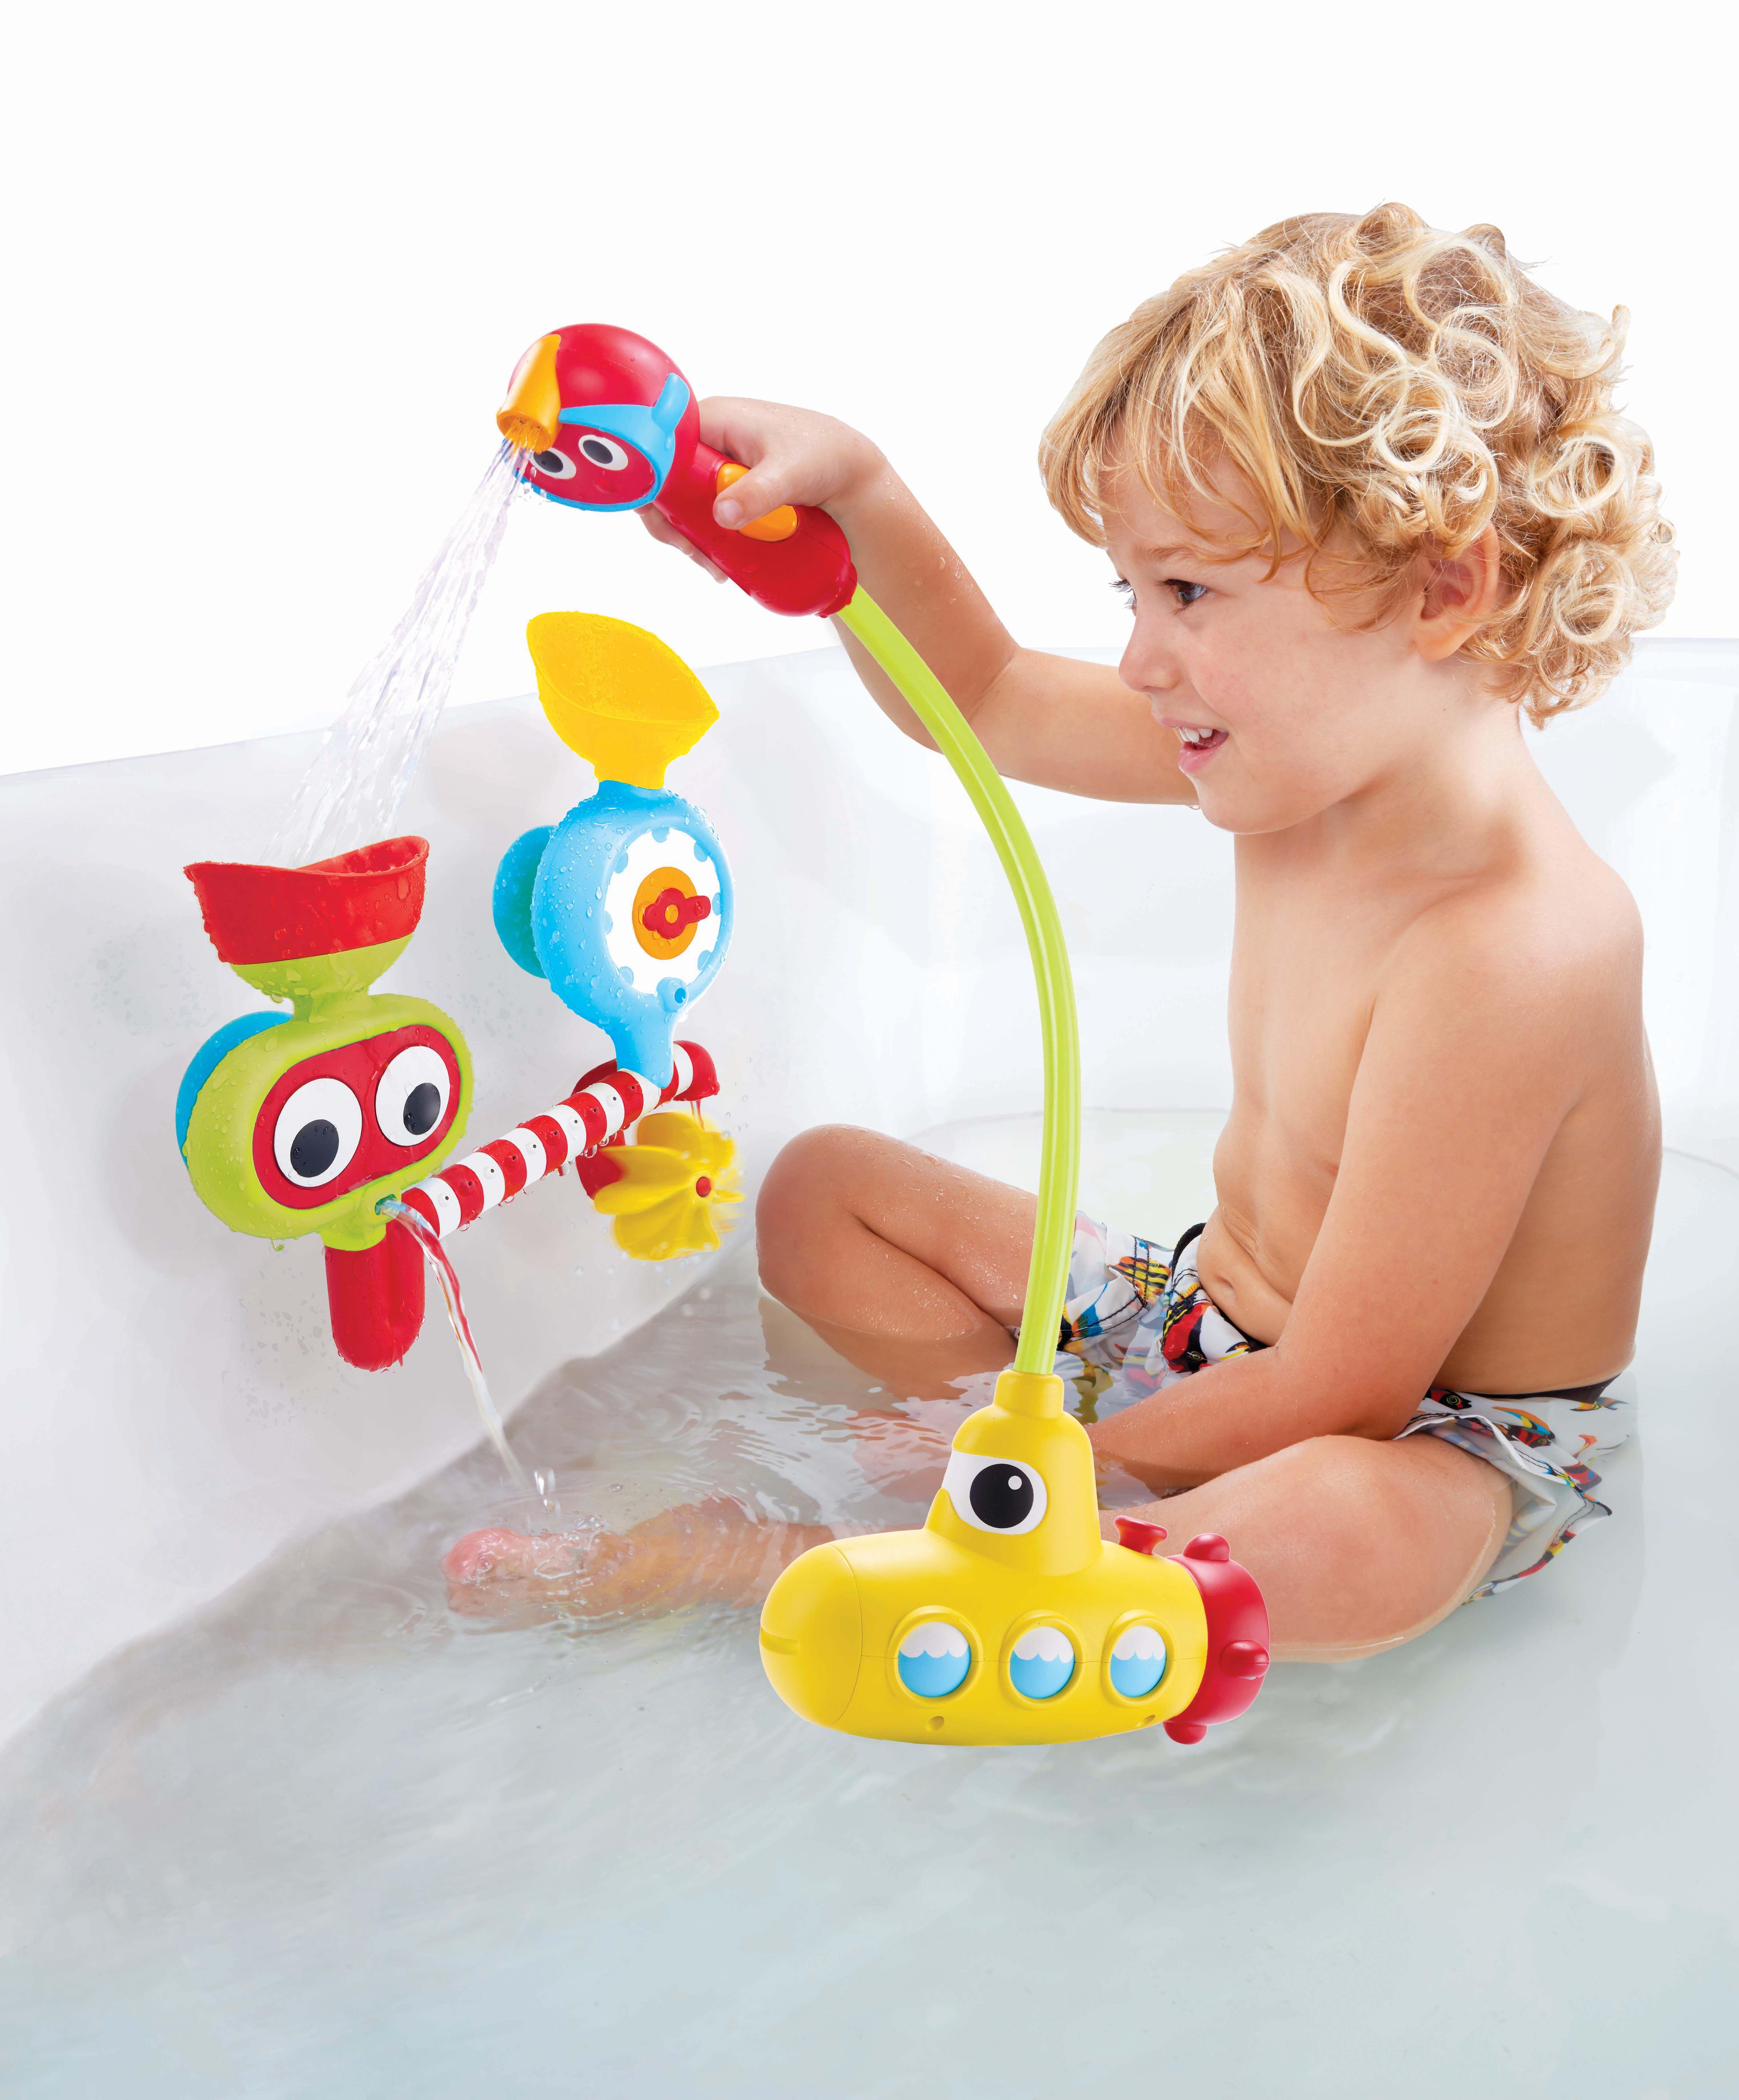 Juguetes Para El Baño Del Bebe | Juego De Bano Con Actividades Para Bebe Es Chulisimo Se Pega A